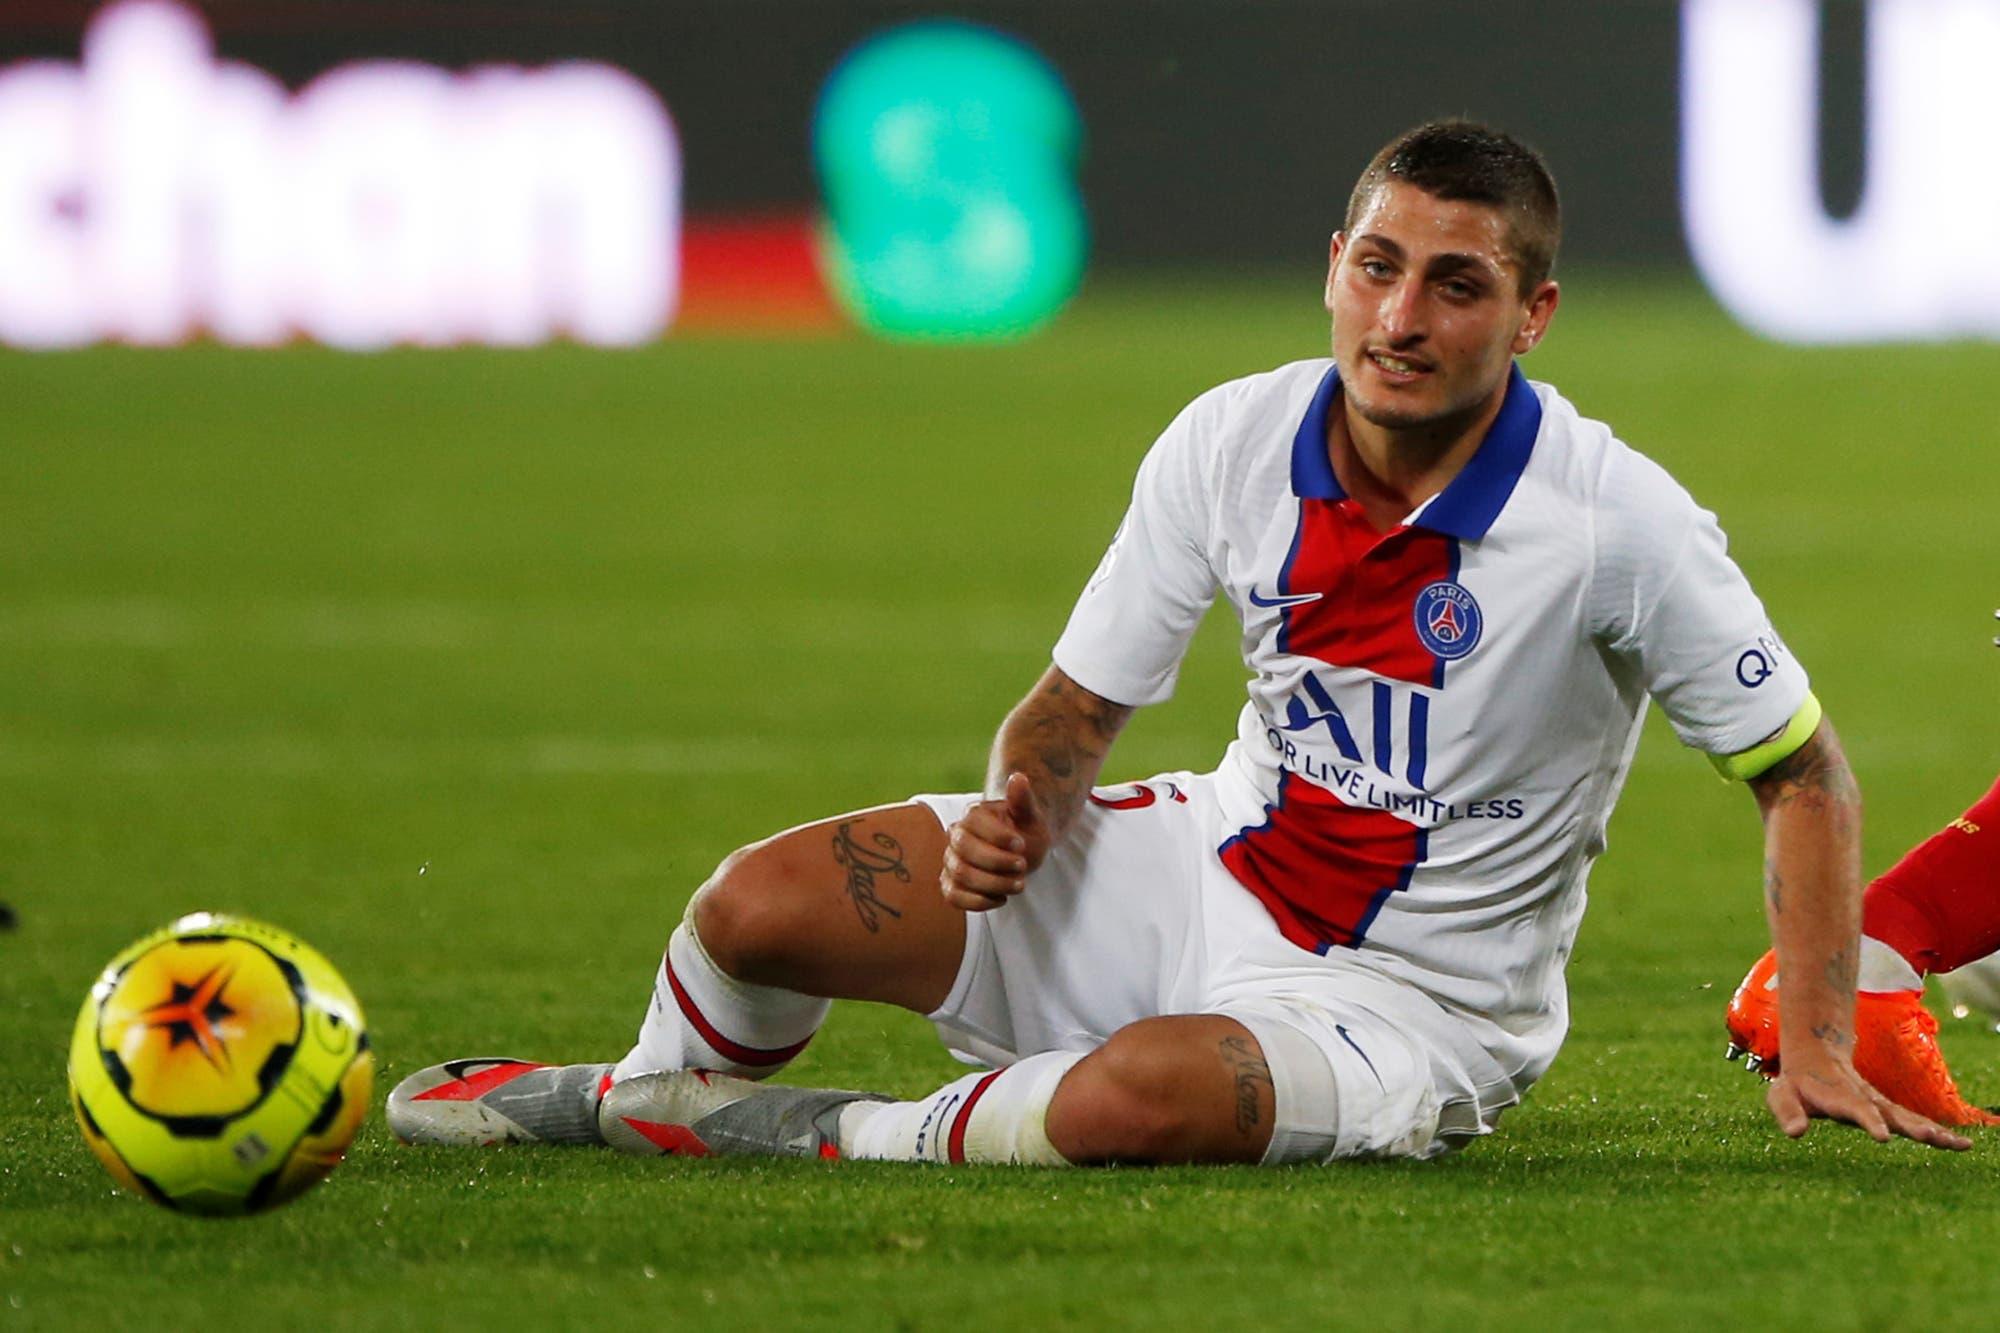 Ligue 1 de Francia: PSG perdió con Lens en su debut, con medio equipo afuera por coronavirus